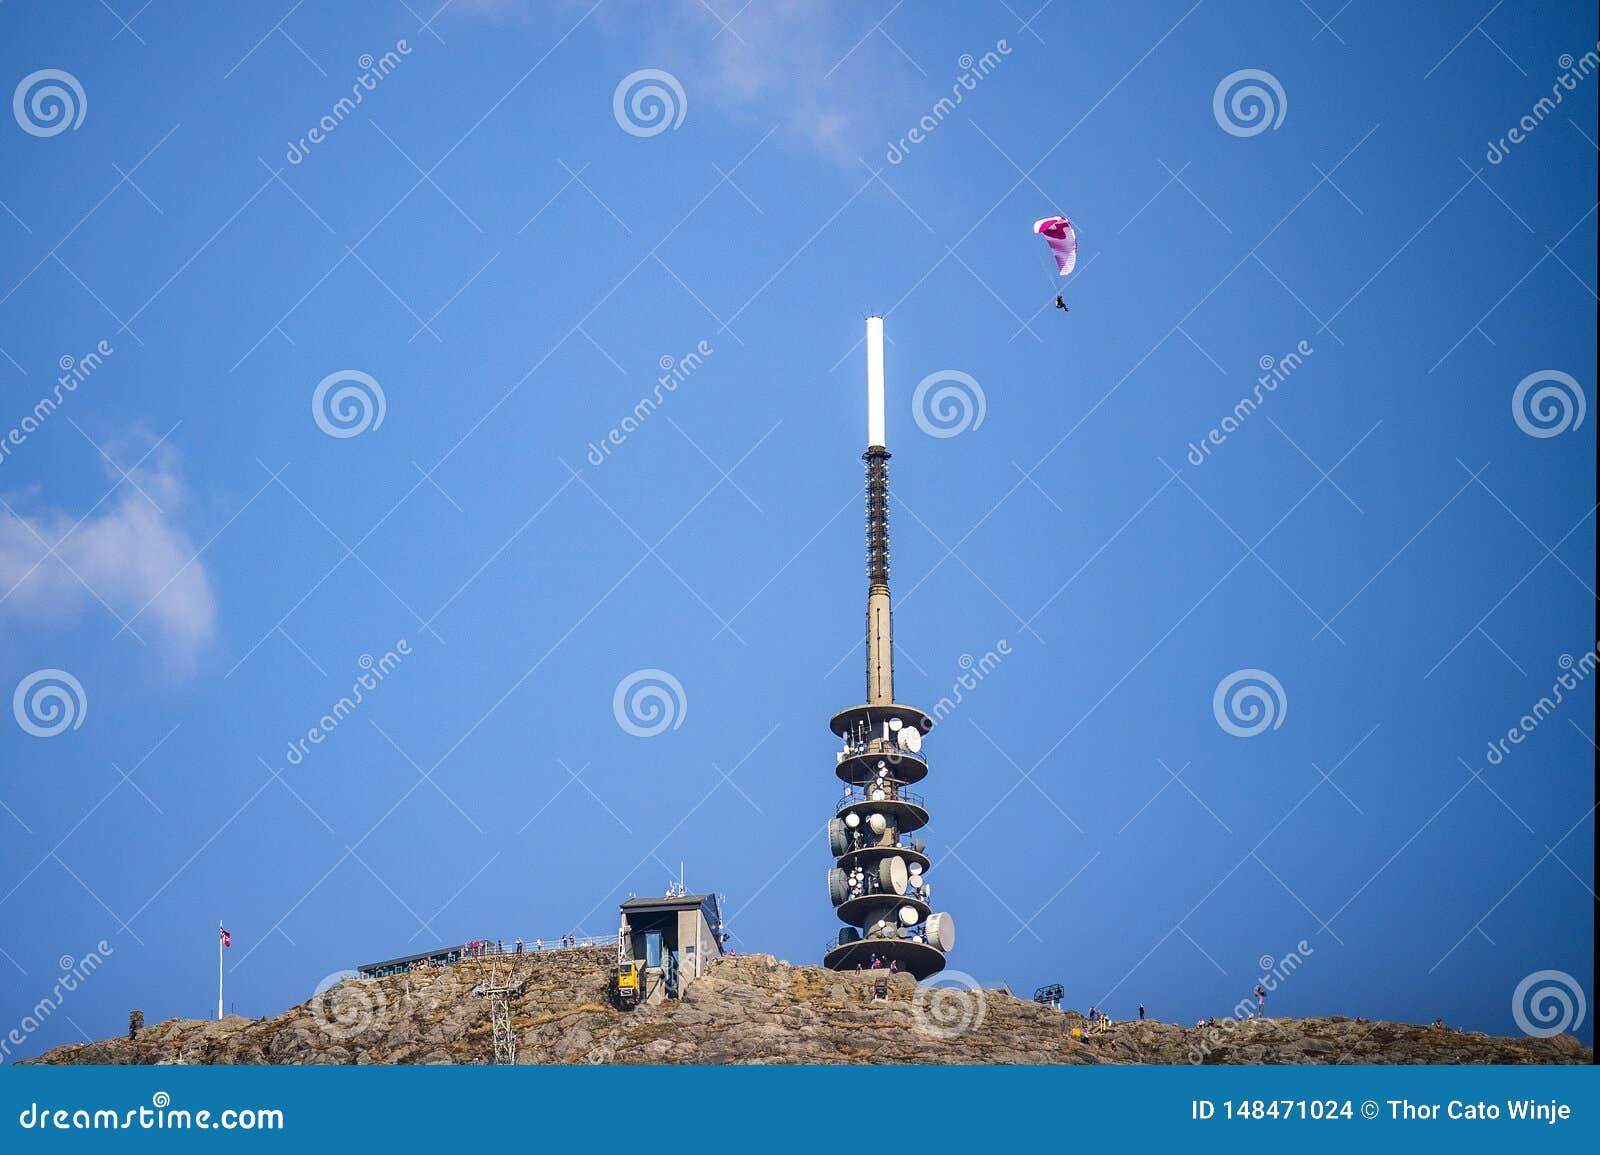 Το κόκκινο και άσπρο ανεμόπτερο ενάντια σε έναν μπλε ουρανό πετά στα ύψη πέρα από έναν πύργο κεραιών και μια γόνδολα